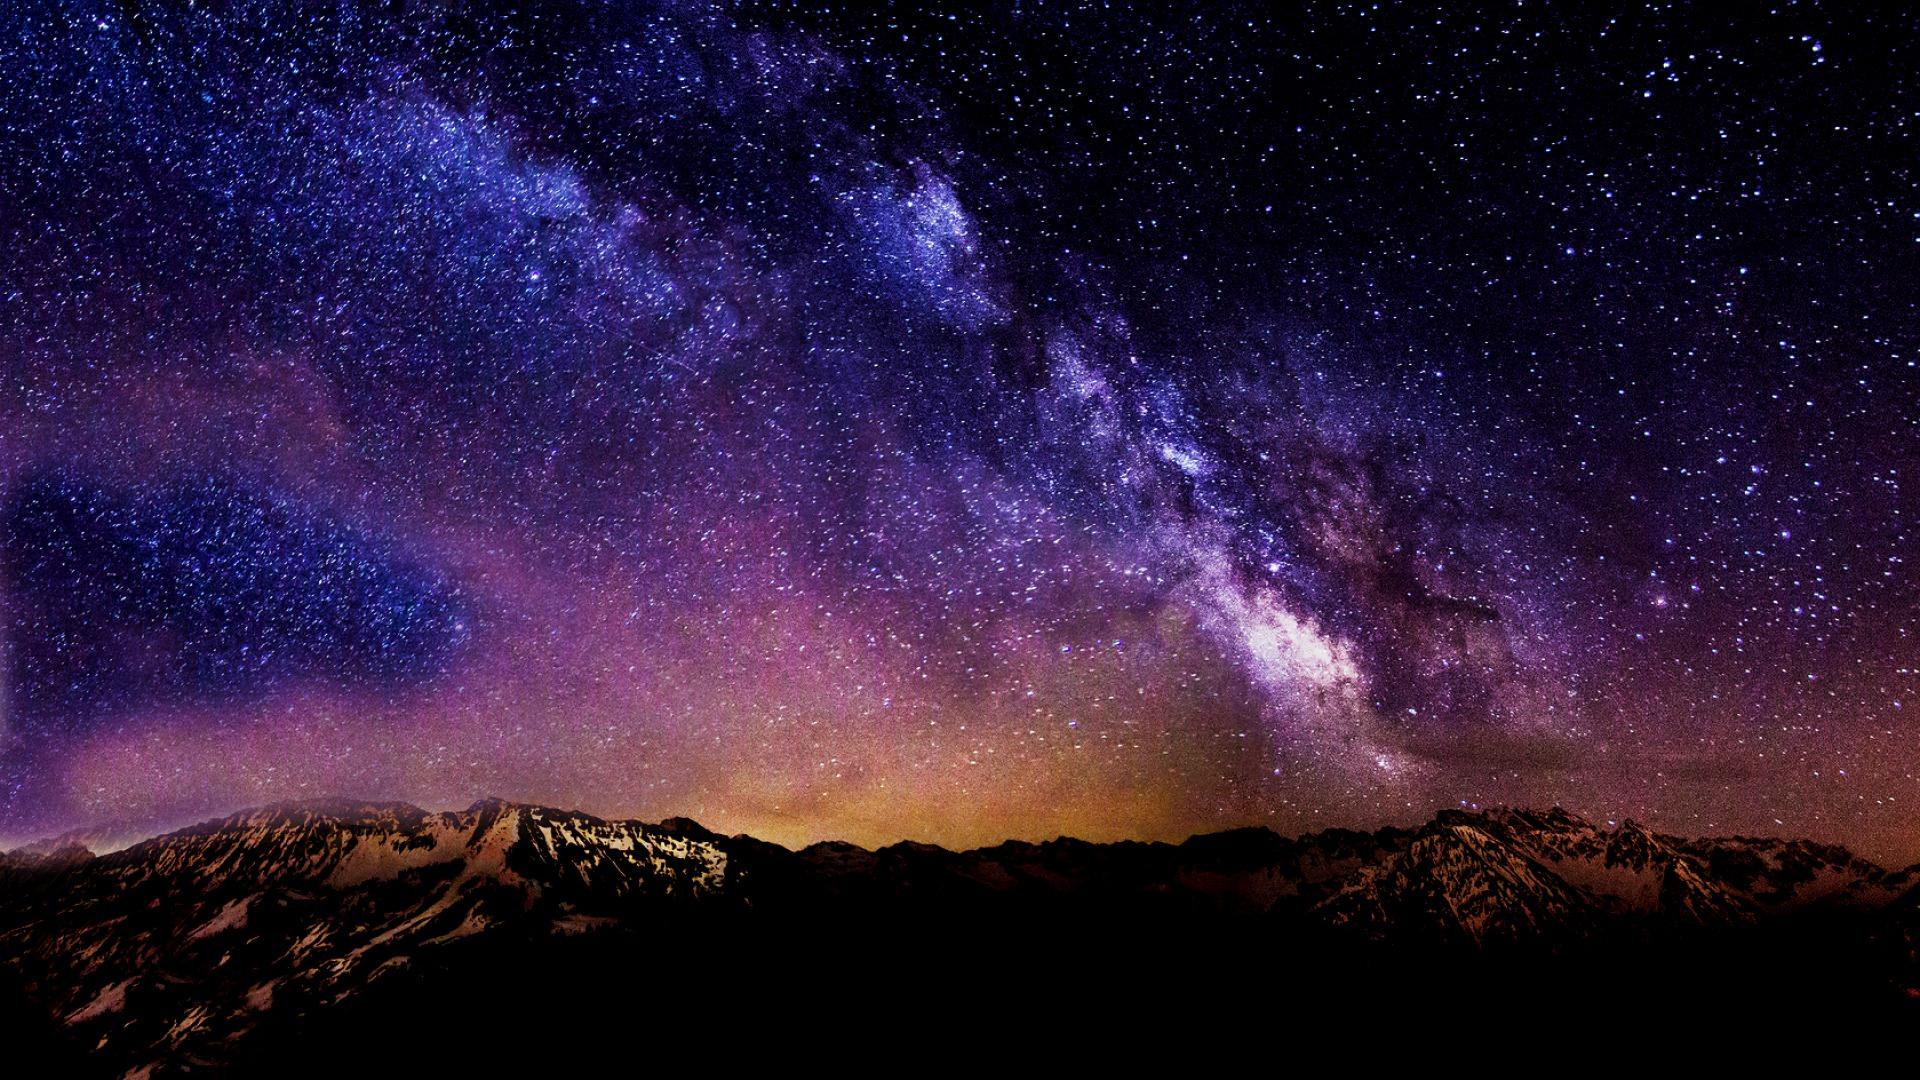 вишневая bmw под звездным небом  № 2384132 без смс